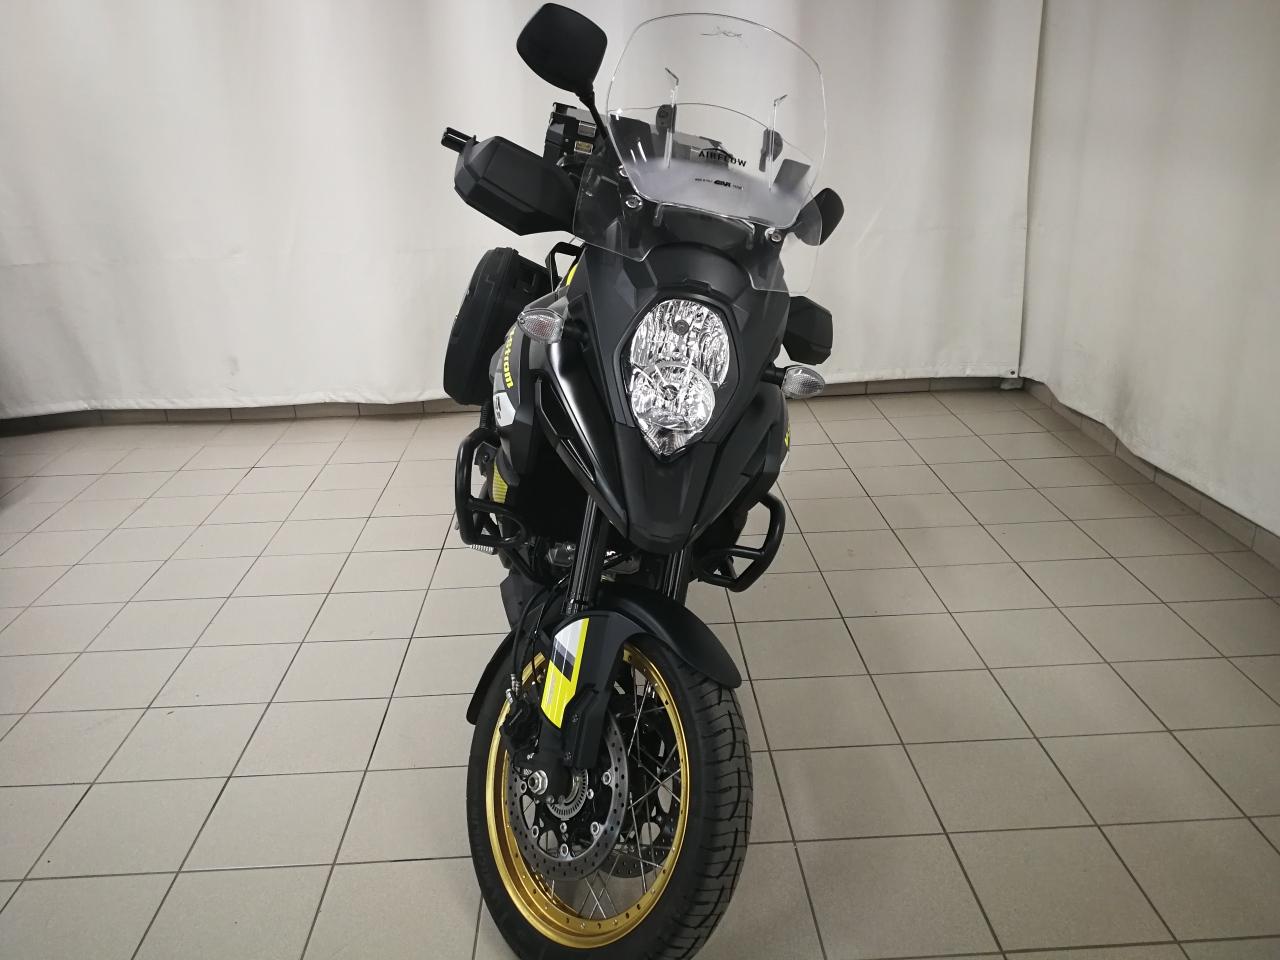 2018 Suzuki V-Strom 1000 DL